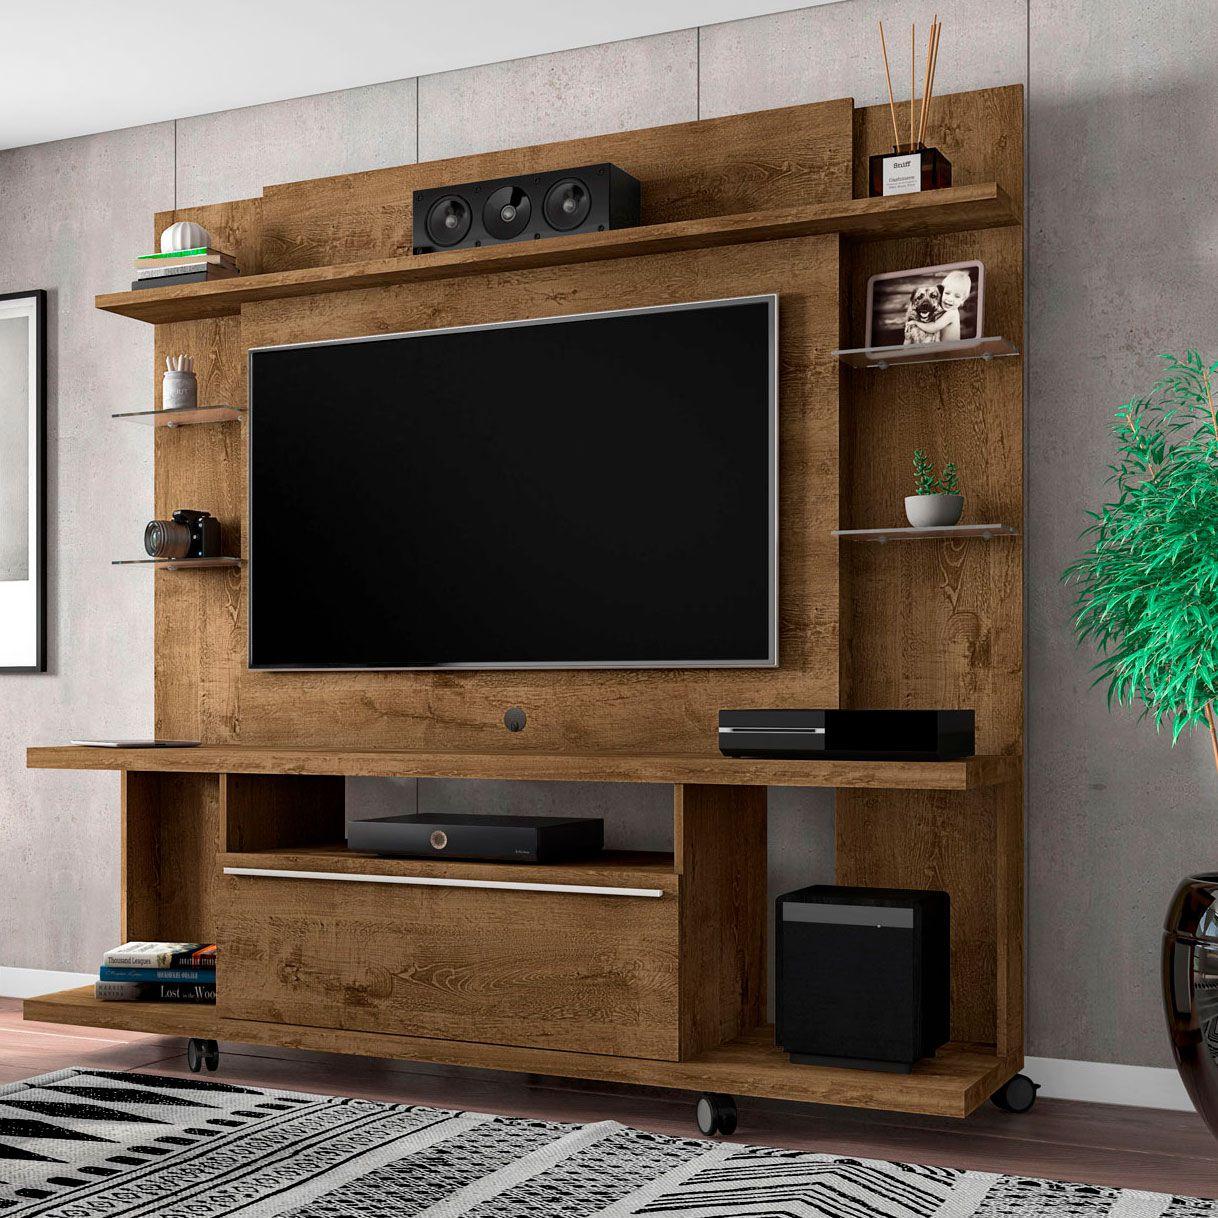 Estante Home para Tv ate 50 polegadas New Torino Madeira Rustica - Moveis Bechara